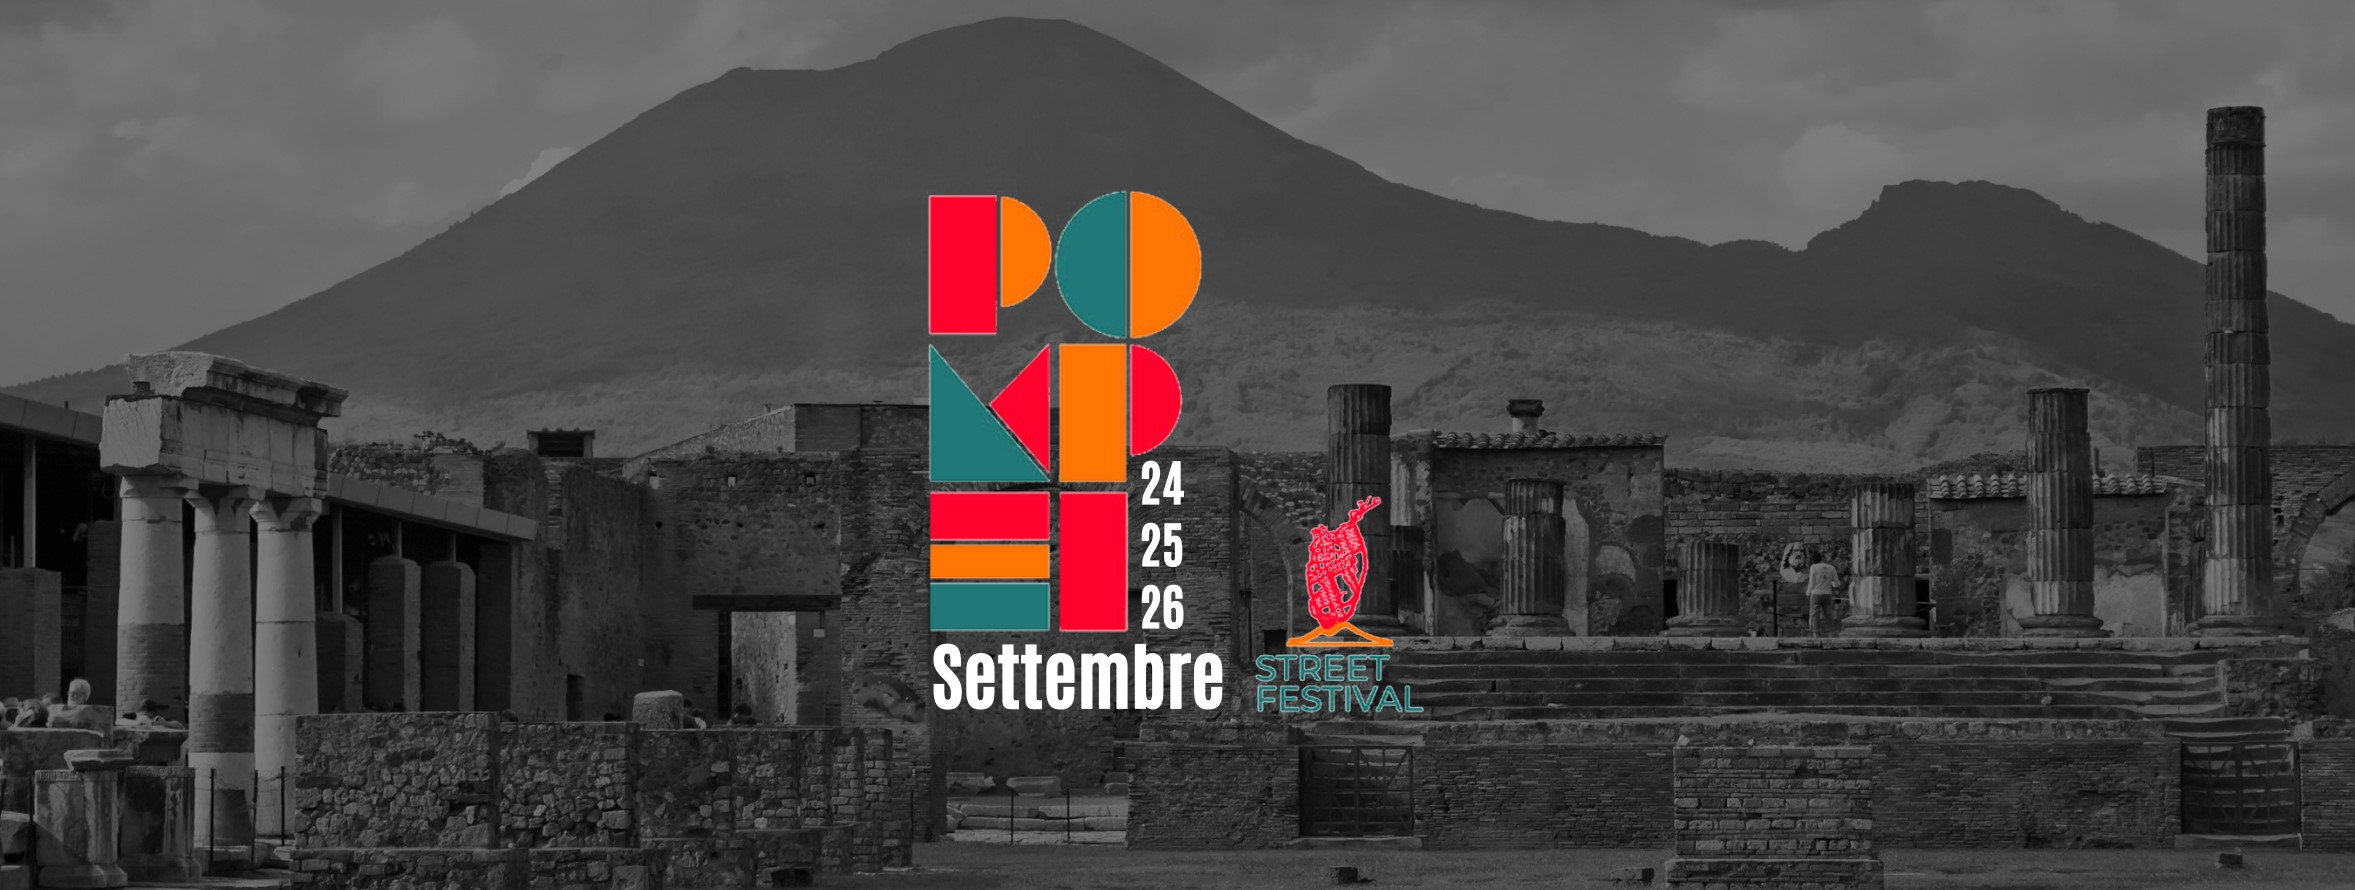 Pompei Street 1 logo